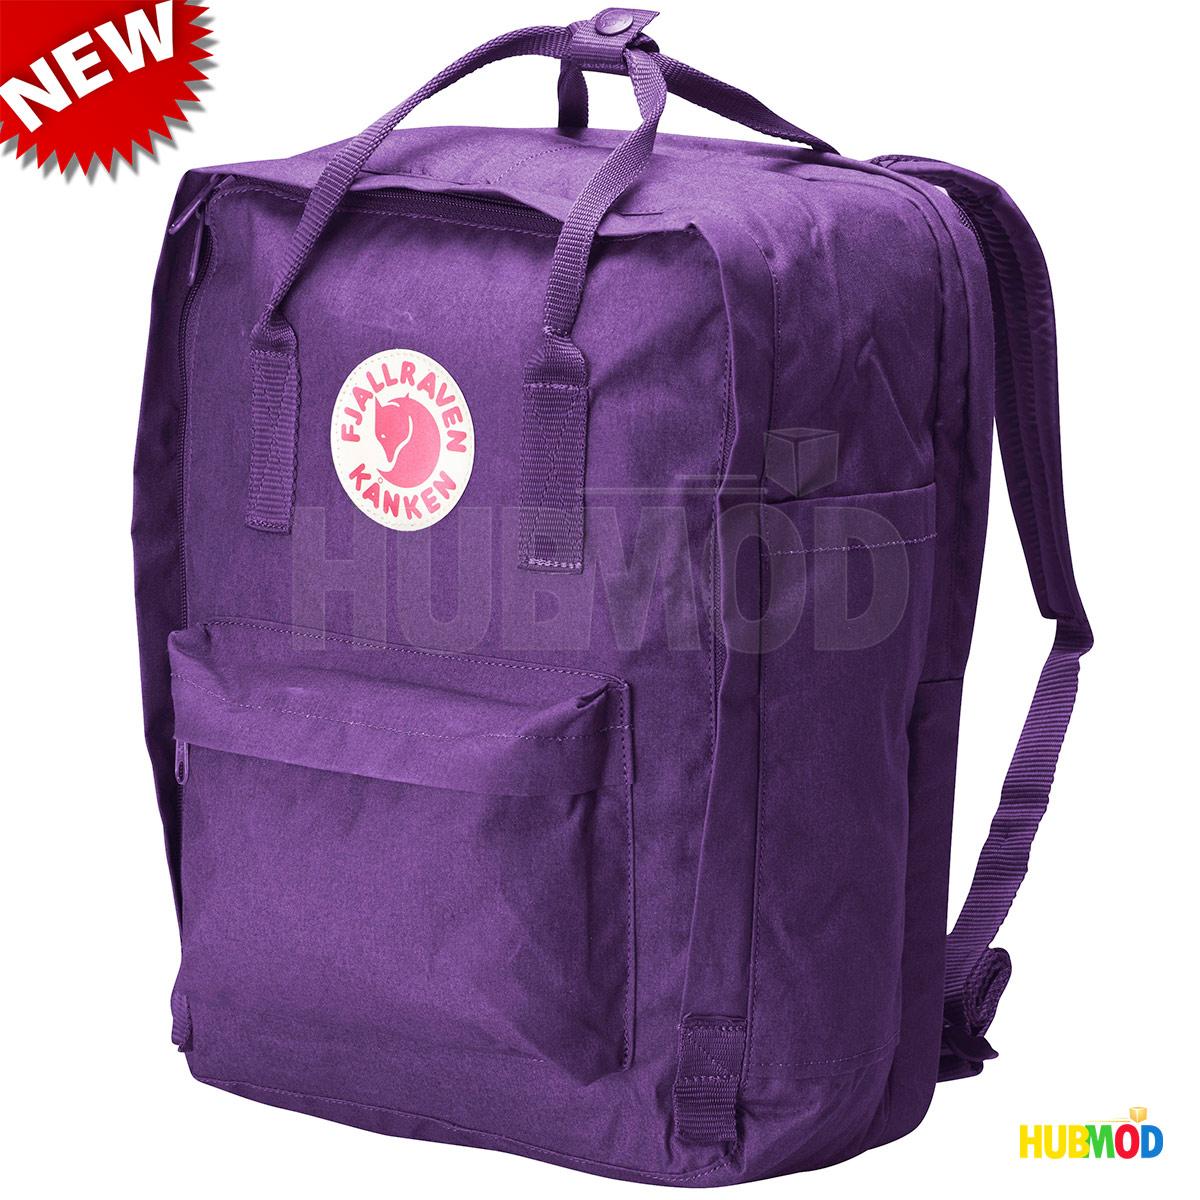 20e91066ba5 Details about Fjallraven Kanken 13-Inch Laptop Bag Backpack  (27171 Purple 2012 Model) 50% OFF